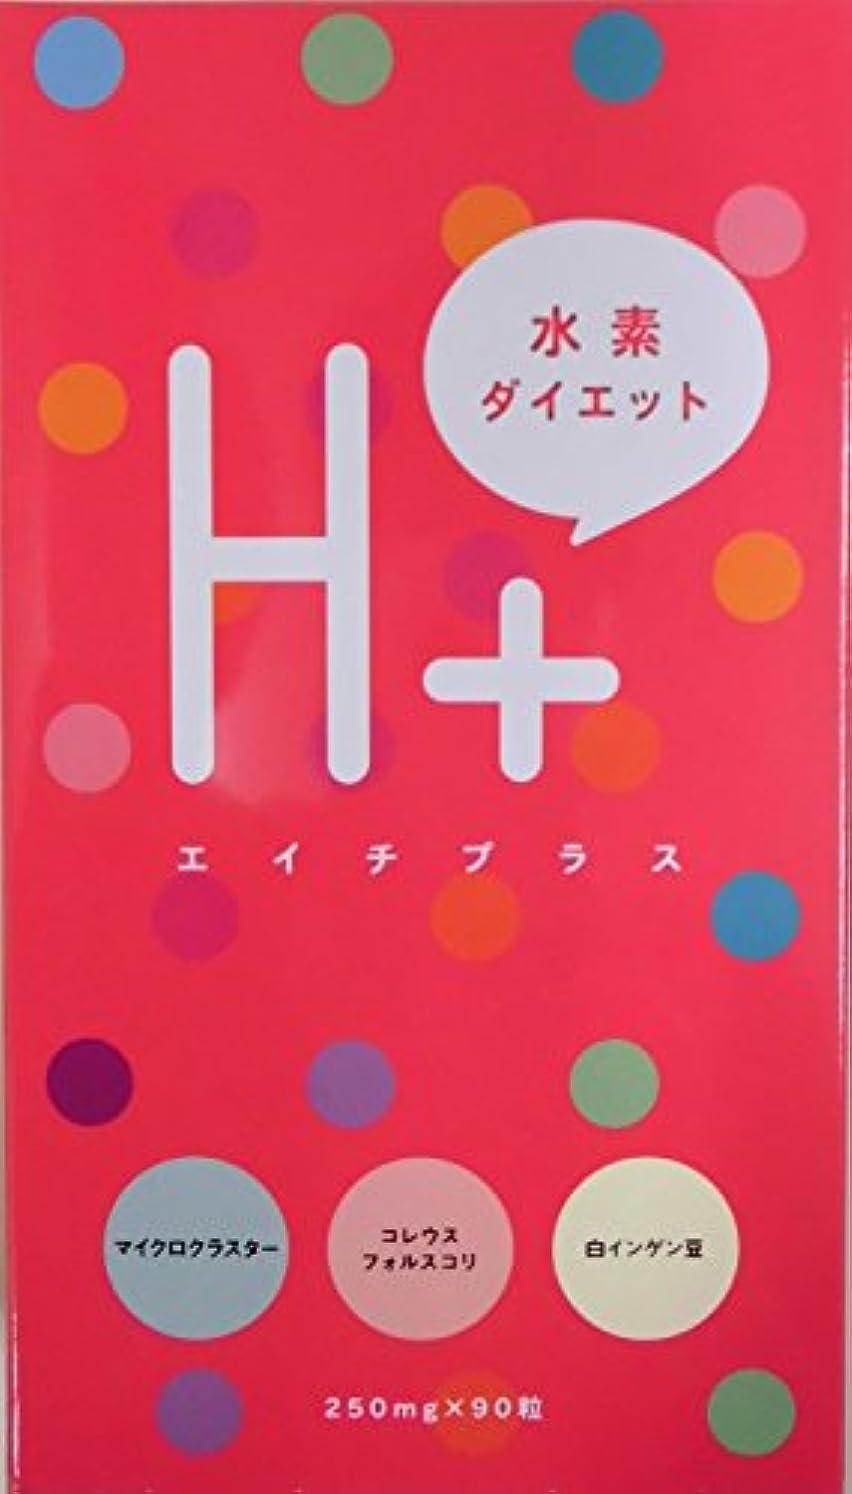 行守る解釈H+水素ダイエット 250mg*90粒